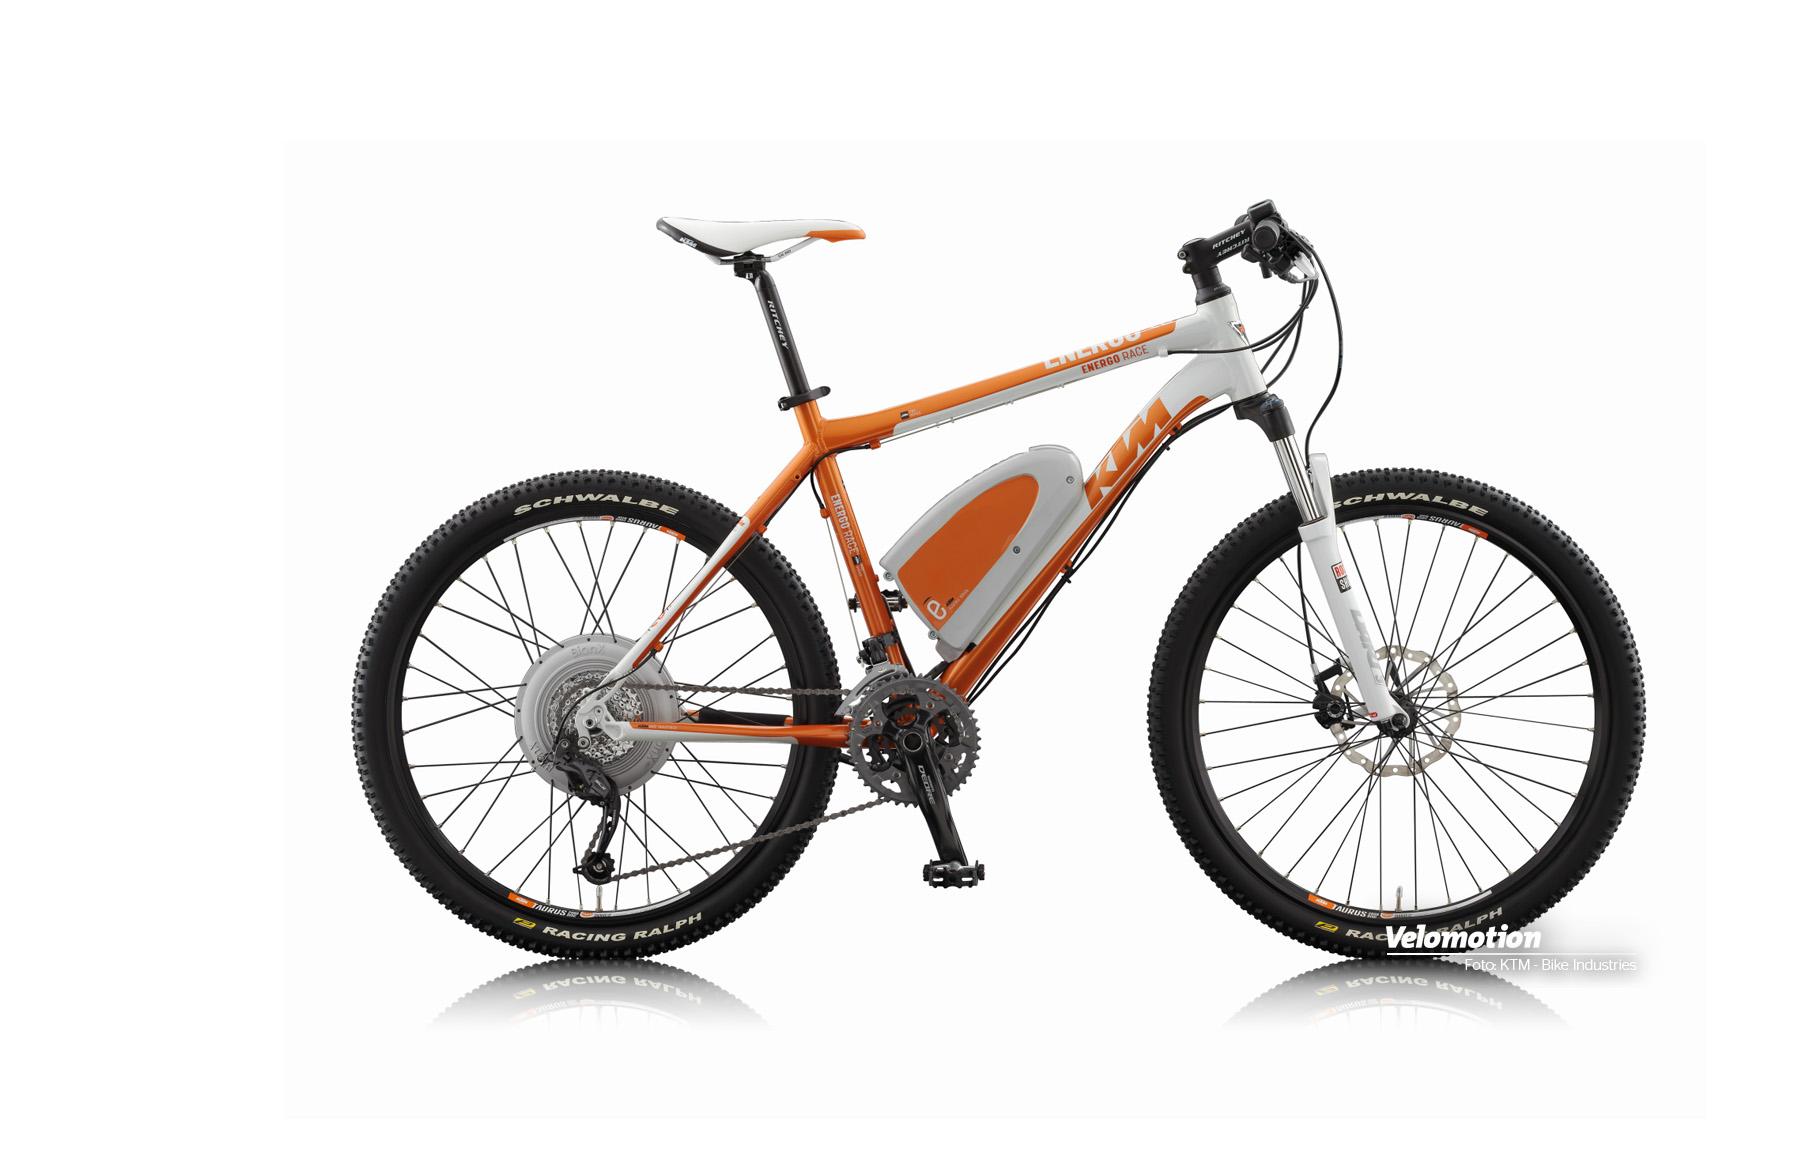 Singlespeed Bikes Shop | bei blaklimos.com gnstig